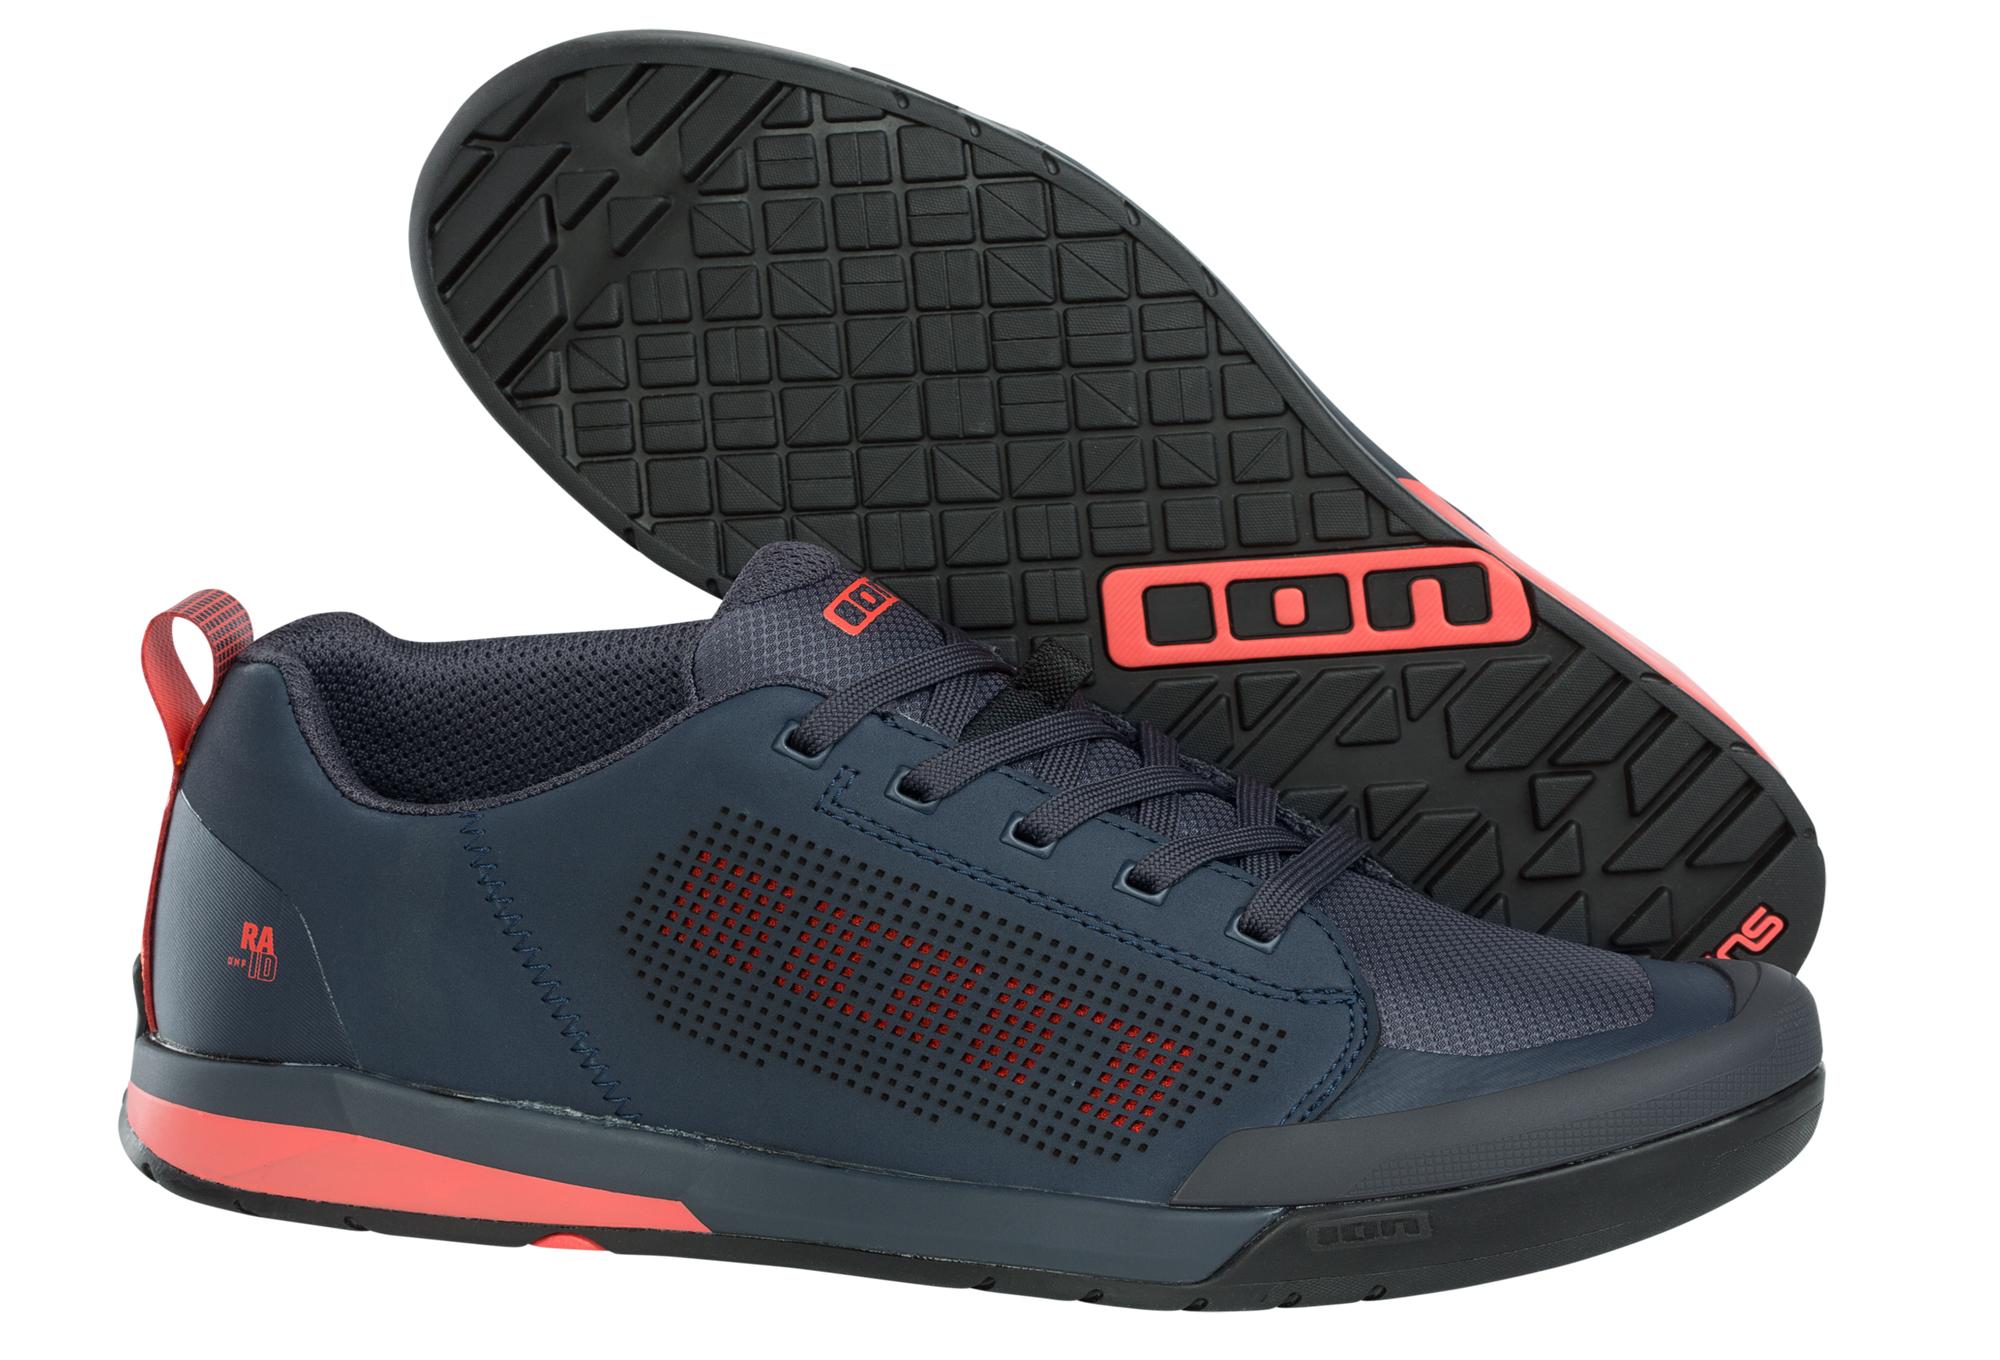 sortie en vente en arrivant ordre Paire de Chaussures pour Pédales Plates ION Raid AMP Bleu